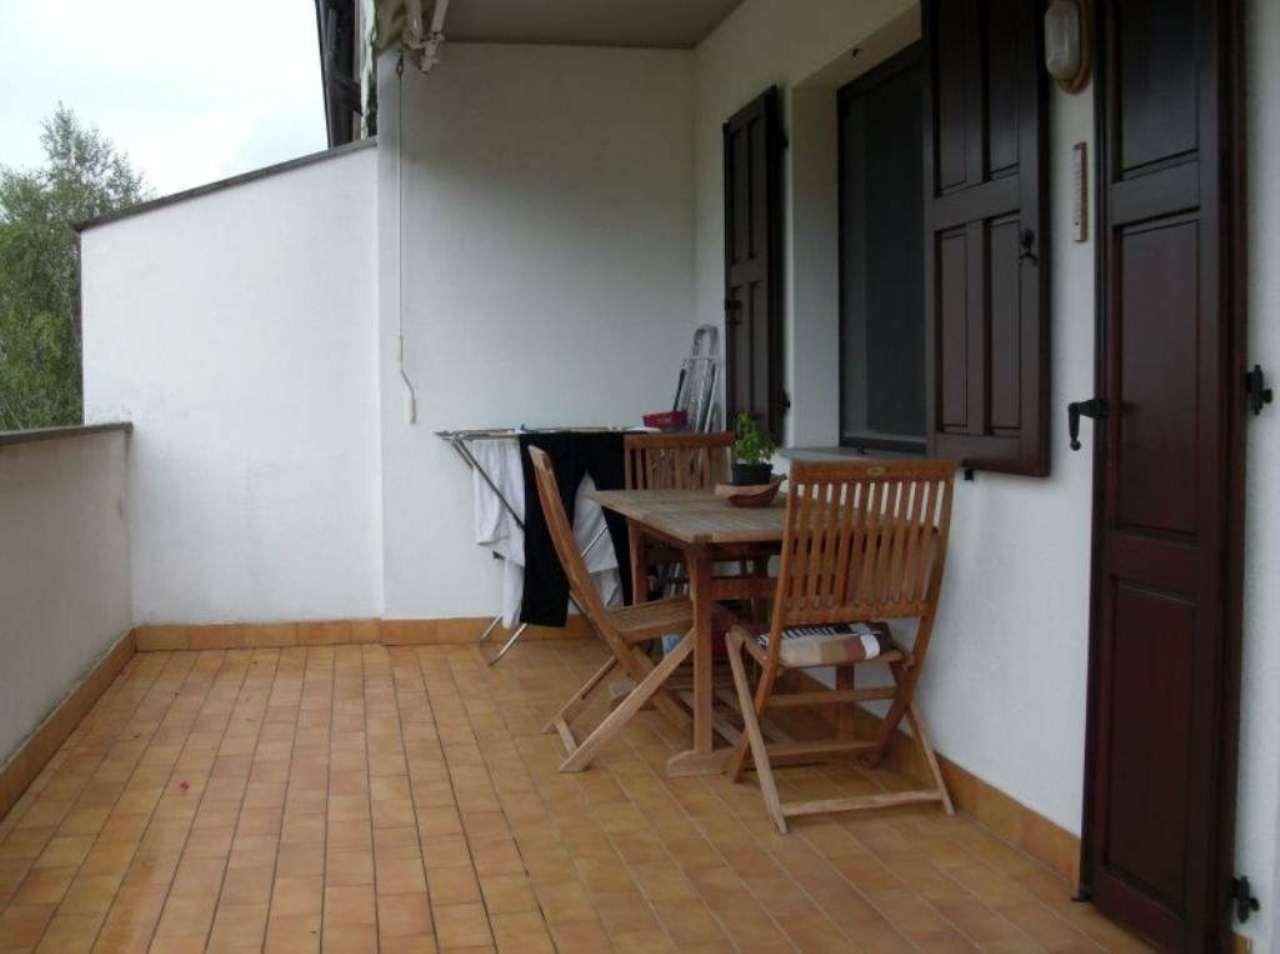 Appartamento in vendita a Cividale del Friuli, 3 locali, prezzo € 165.000 | Cambio Casa.it